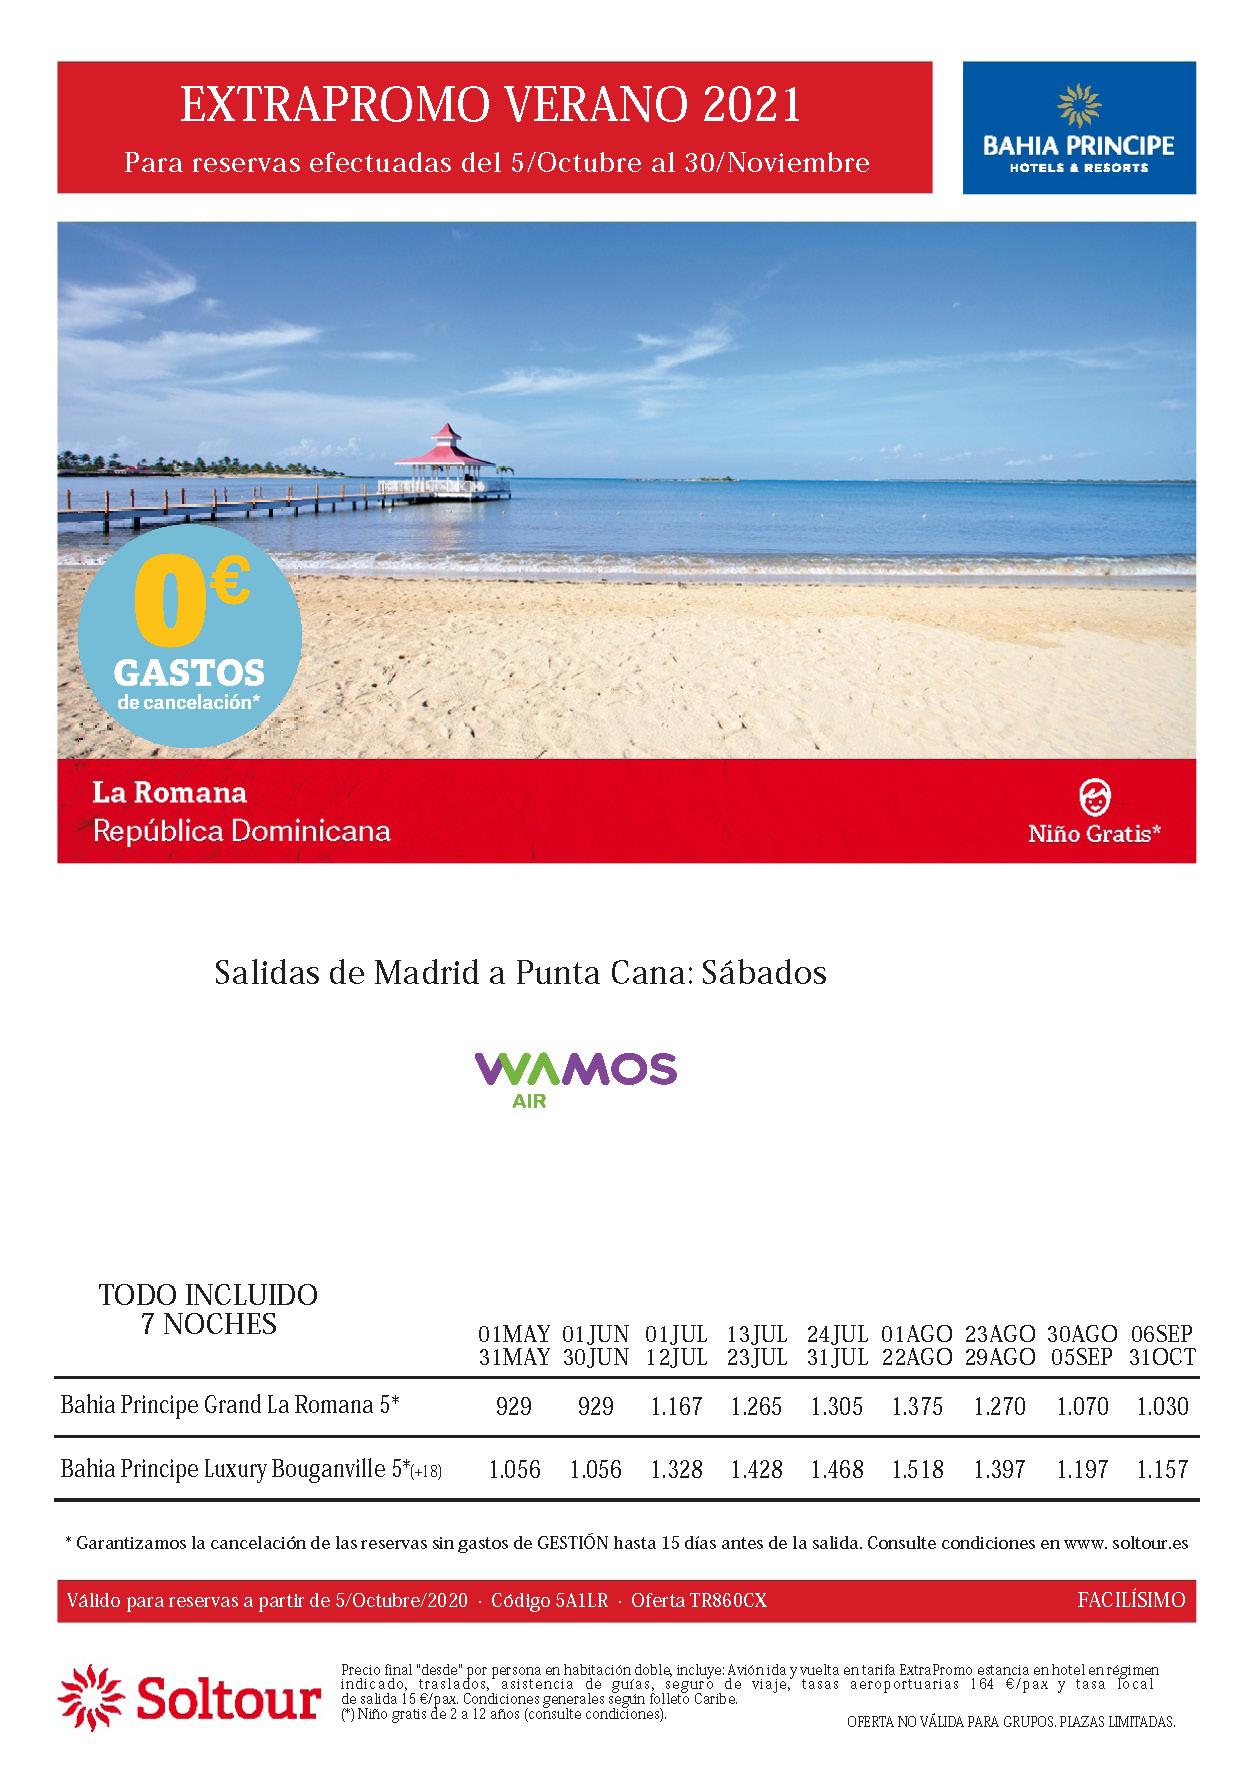 Oferta Soltour Vacaciones en La Romana Republica Dominicana hoteles Bahia Principe Verano 2021 niño gratis